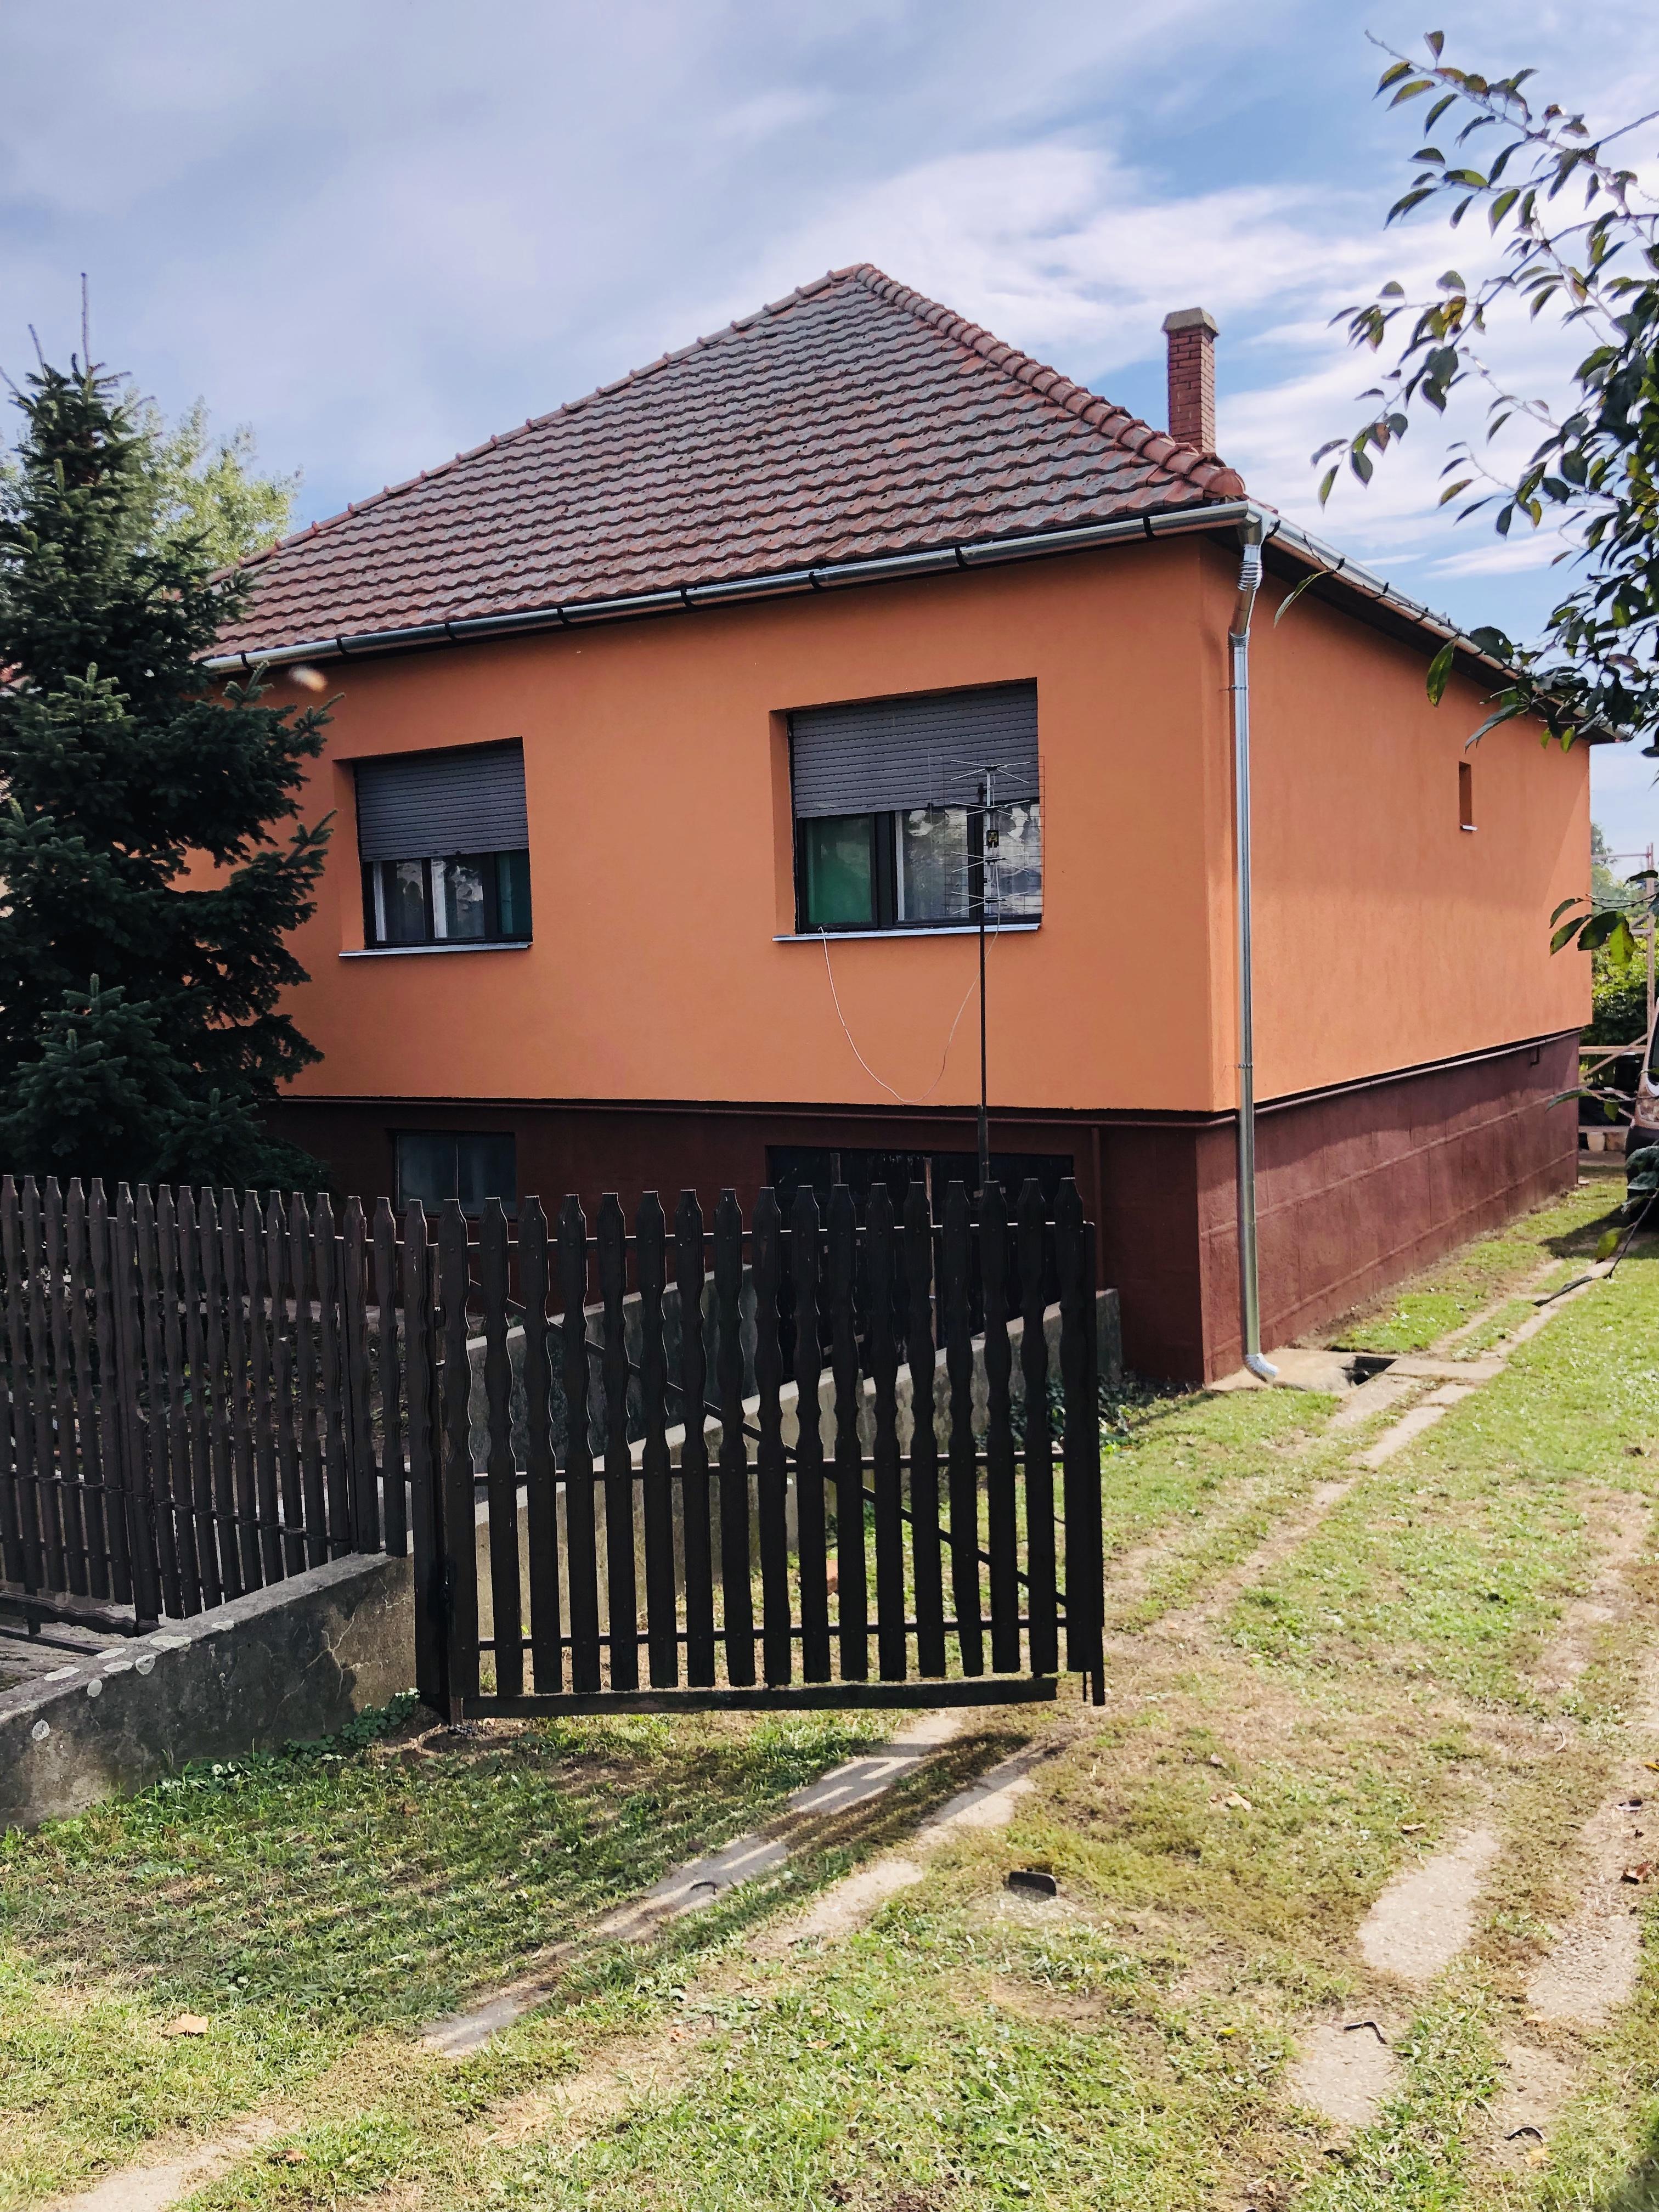 Hőszigetelés Balatoncsicsó - Balatoncsicsó hőszigetelés